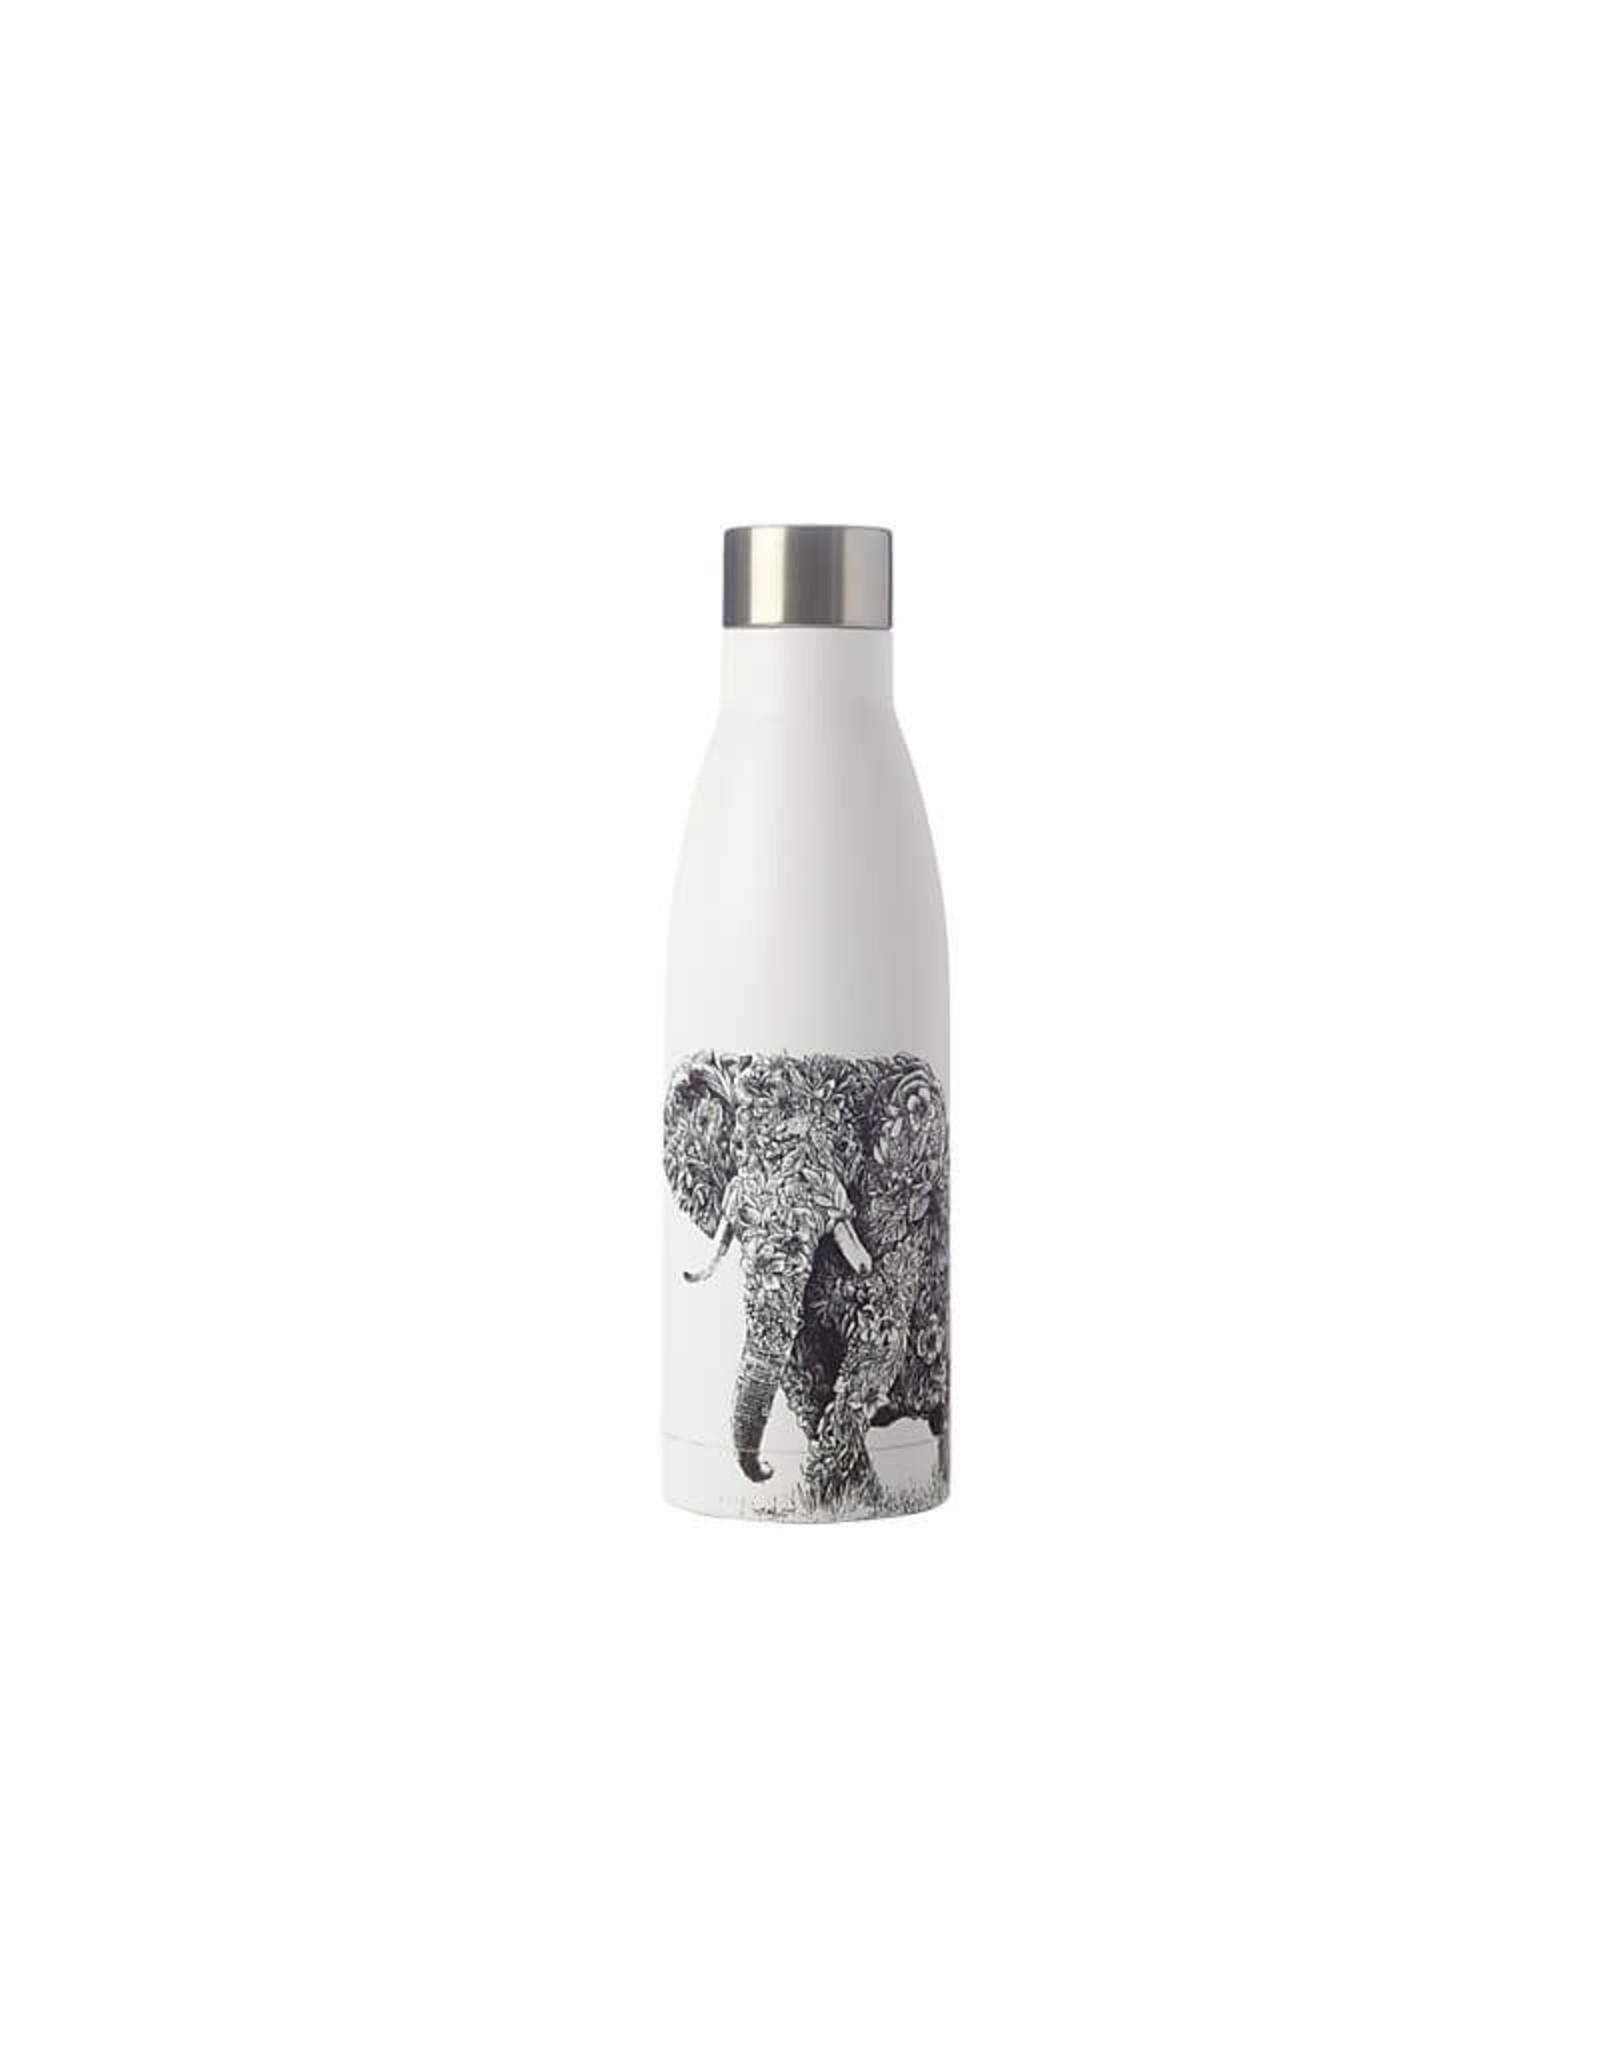 Marini Ferlazzo Dubbelwandige thermosfles 500ml - Afrikaanse olifant